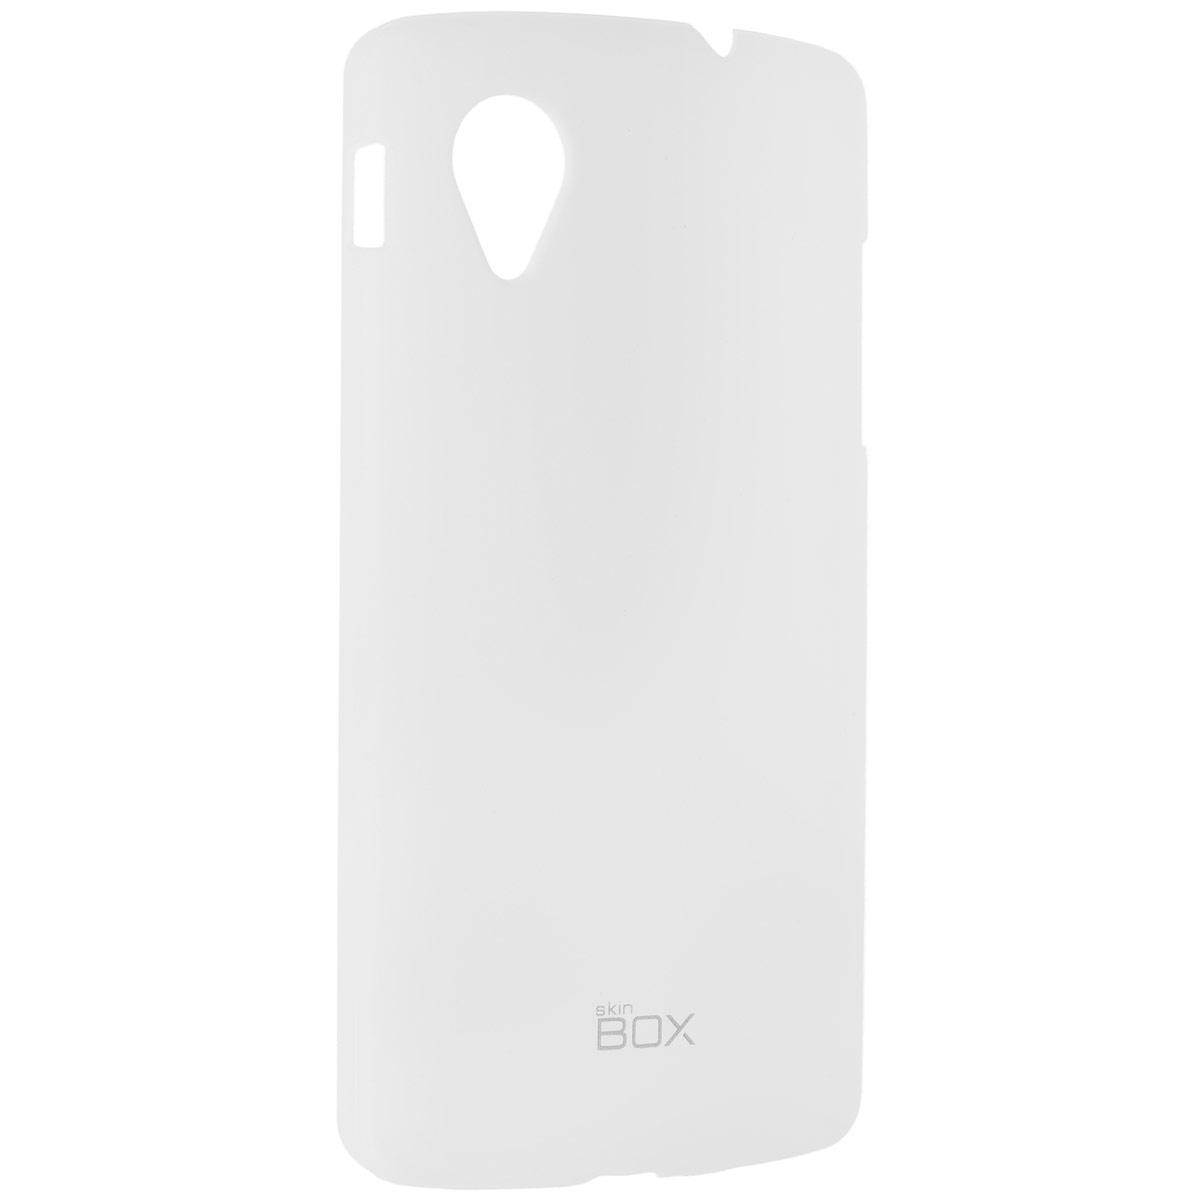 Skinbox Shield 4People чехол для LG Nexus 5, WhiteT-S-LN5-002Чехол Skinbox Shield 4People для LG Nexus 5 предназначен для защиты корпуса смартфона от механических повреждений и царапин в процессе эксплуатации. Имеется свободный доступ ко всем разъемам и кнопкам устройства. В комплект также входит защитная пленка на экран телефона.